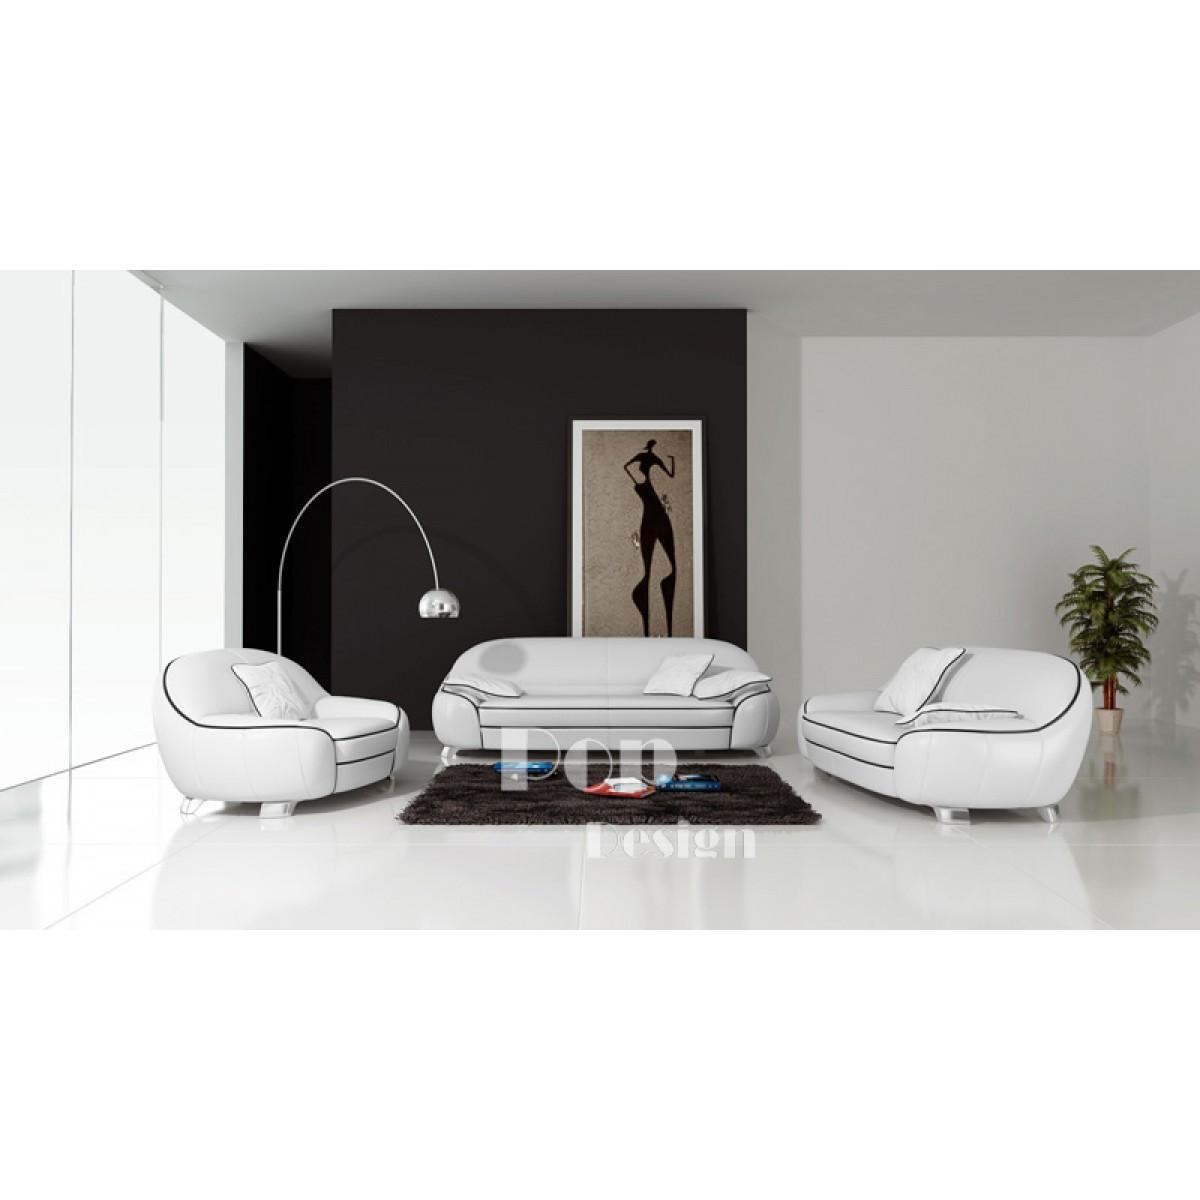 Canapés En Cuir Design Club Popdesignfr - Canapé 3 places pour conseiller decoration interieur